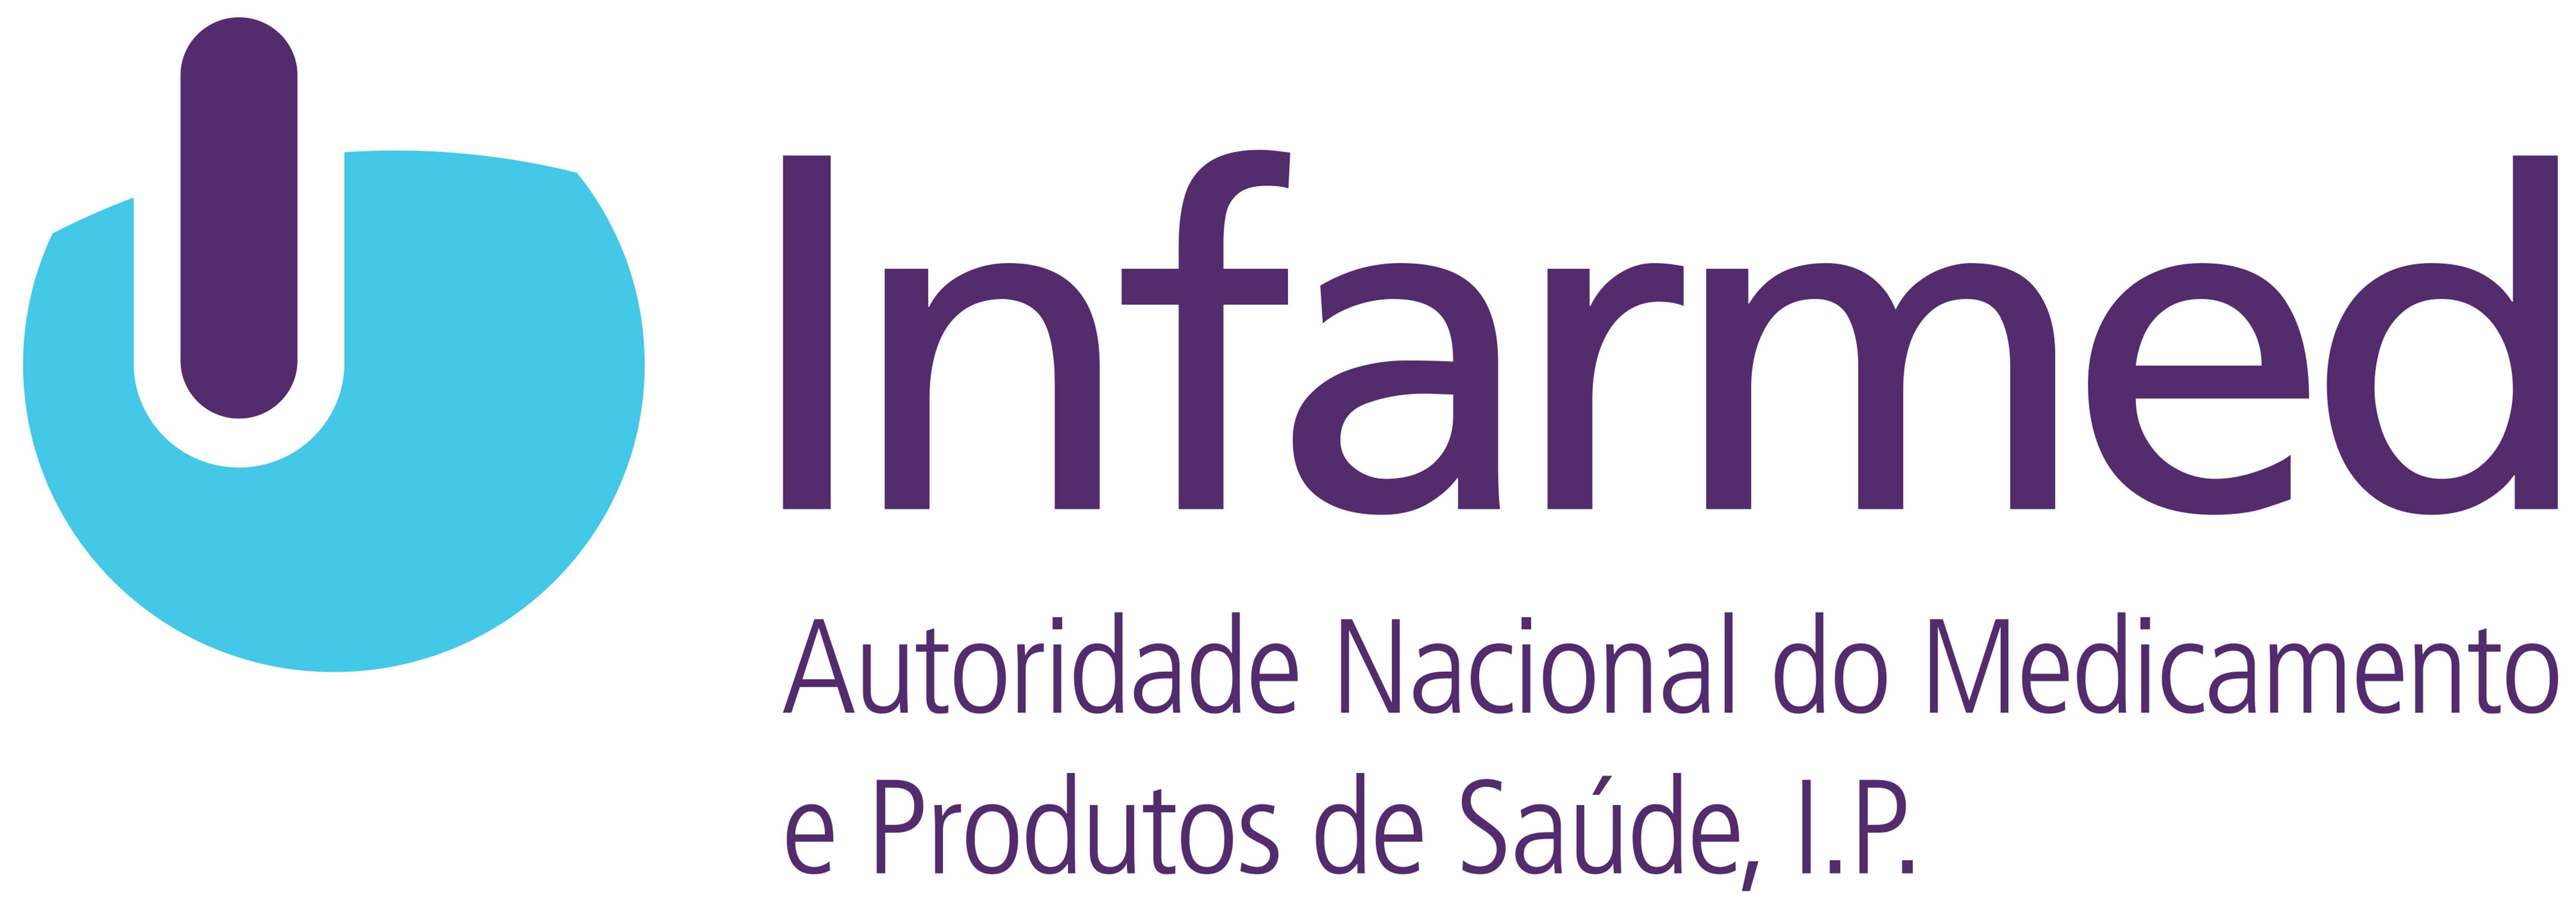 Logotipo INFARMED - Autoridade Nacional do Medicamento e Produtos de Saúde